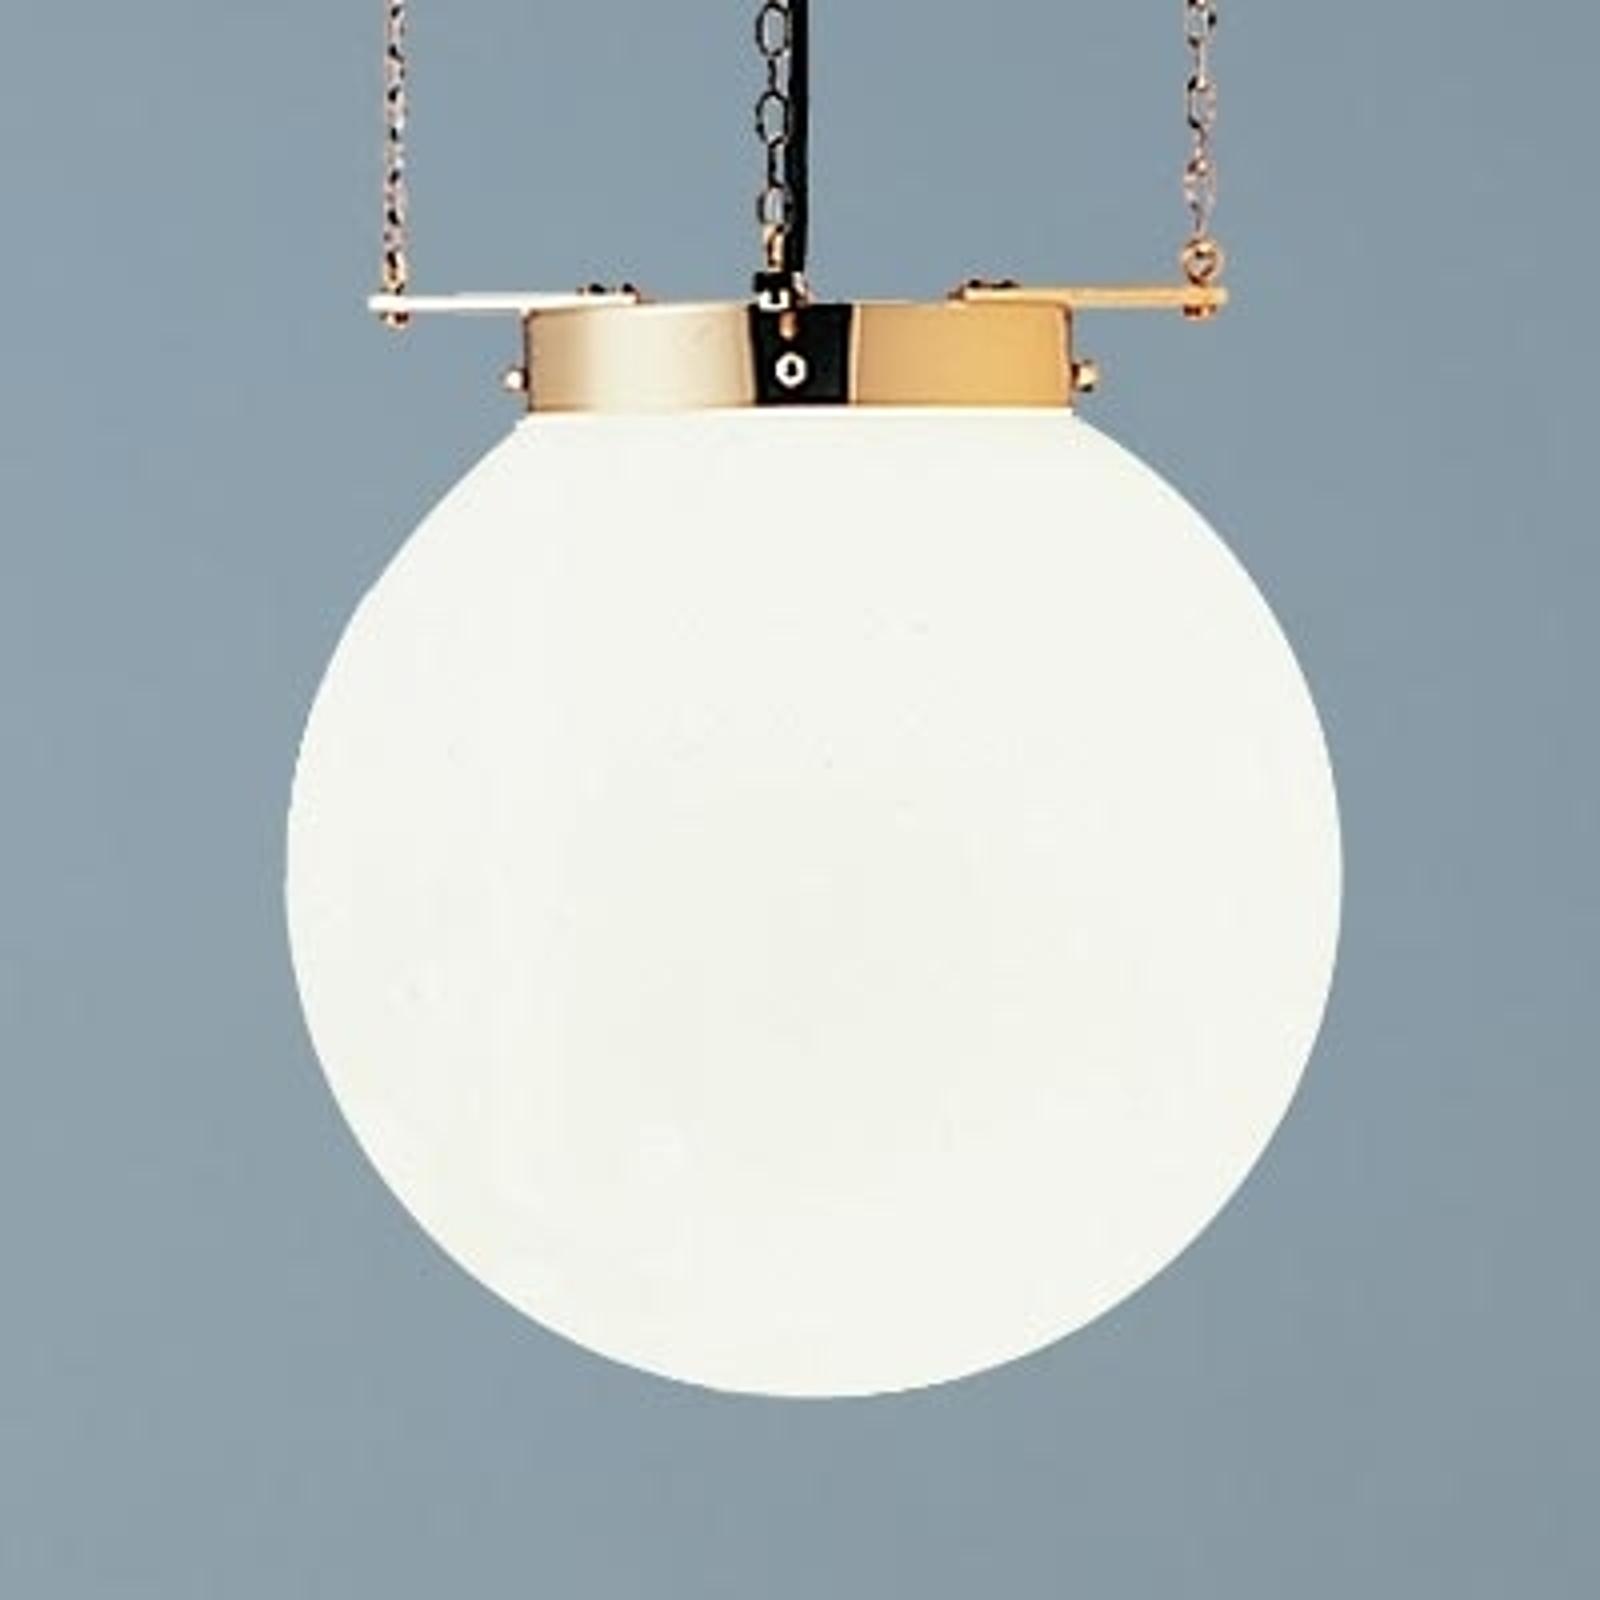 Hanglamp in Bauhaus-stijl, messing, 35 cm